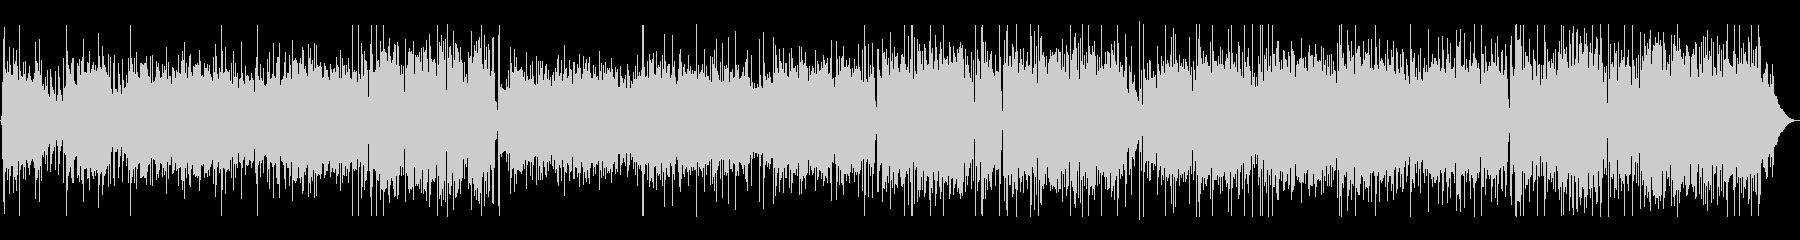 レトロ感あるボサノバの未再生の波形